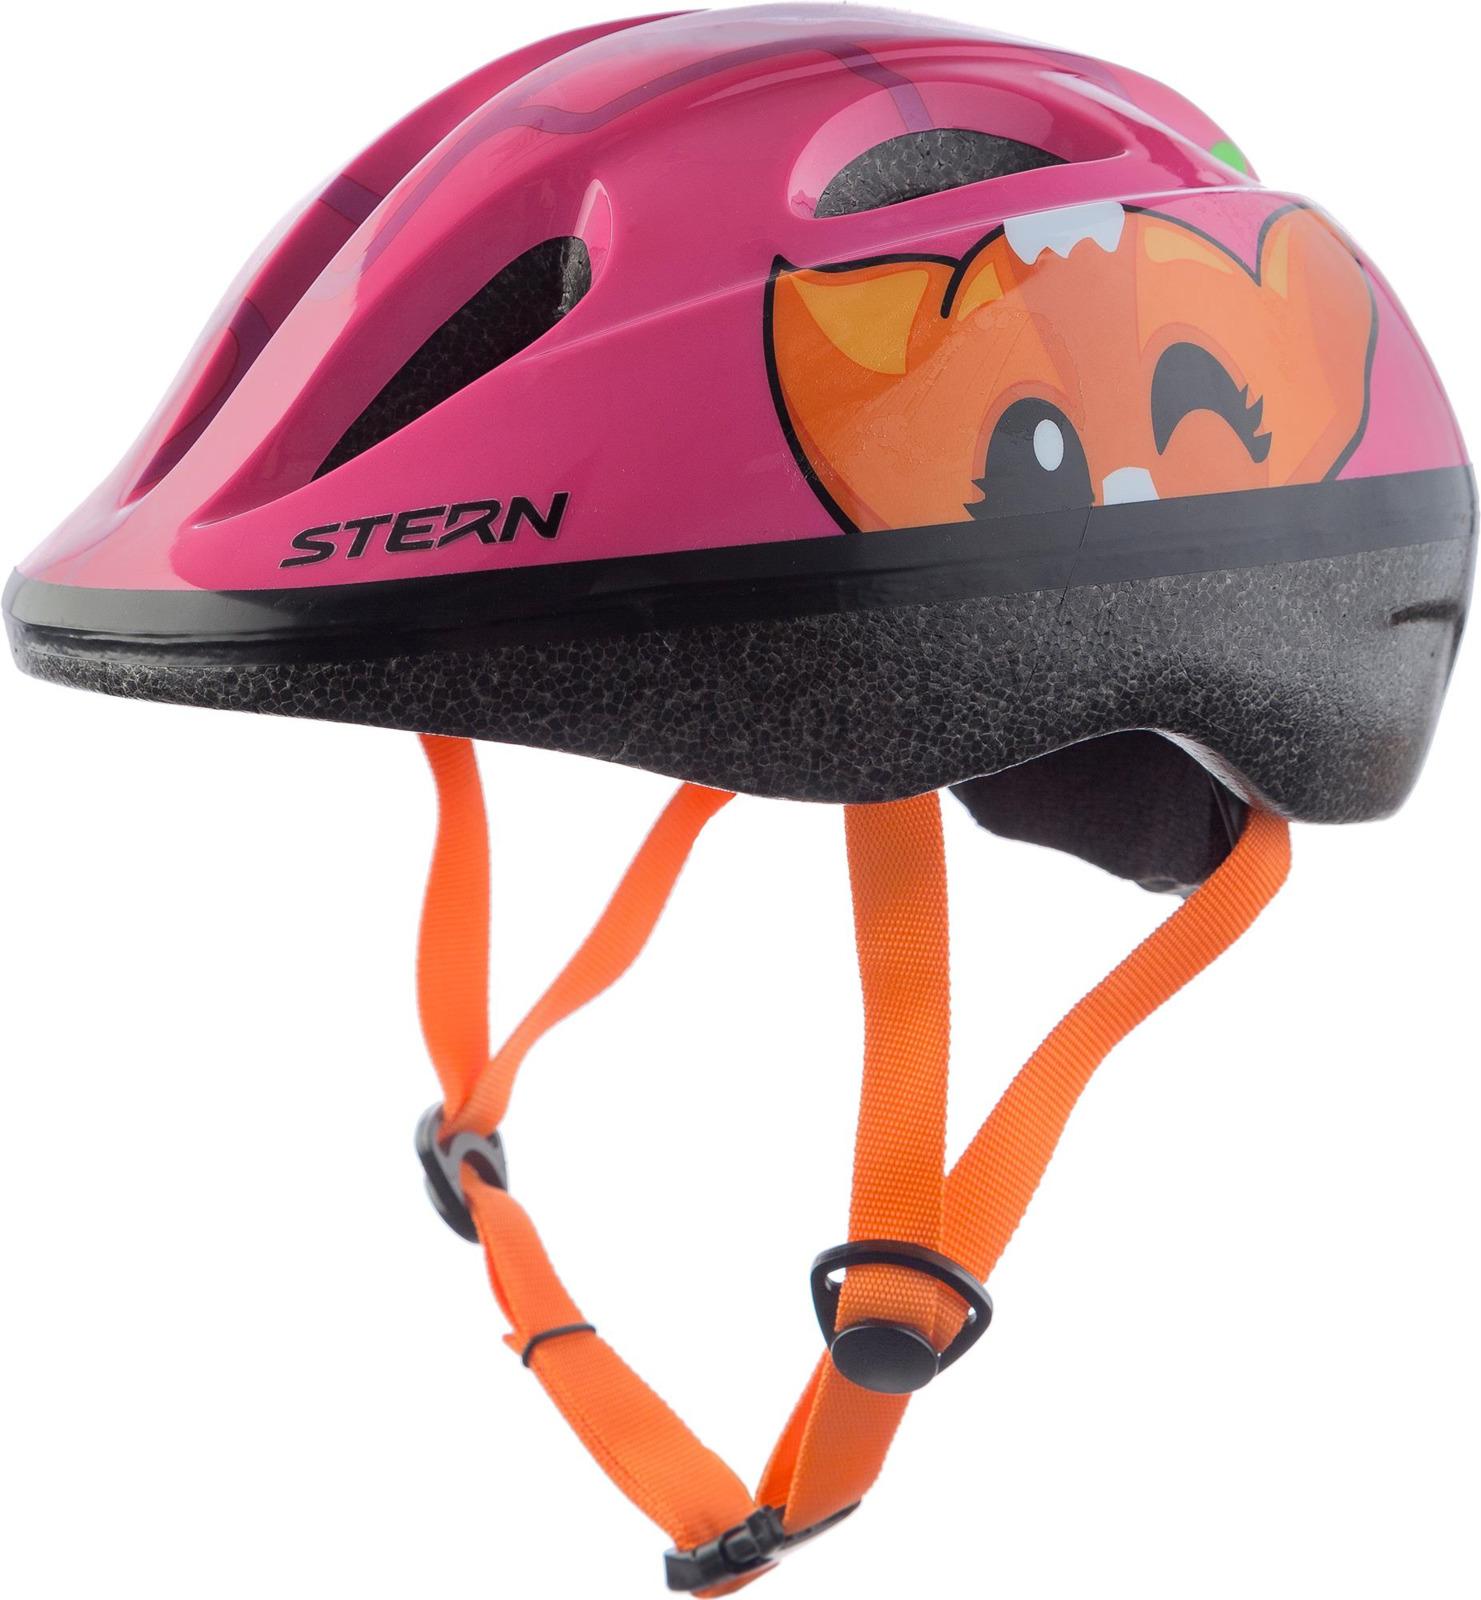 Велосипедный шлем Stern 01 helm-k1 Helmet, фиолетовый, размер S велосипедный шлем sahoo 2015 58 62 mtb